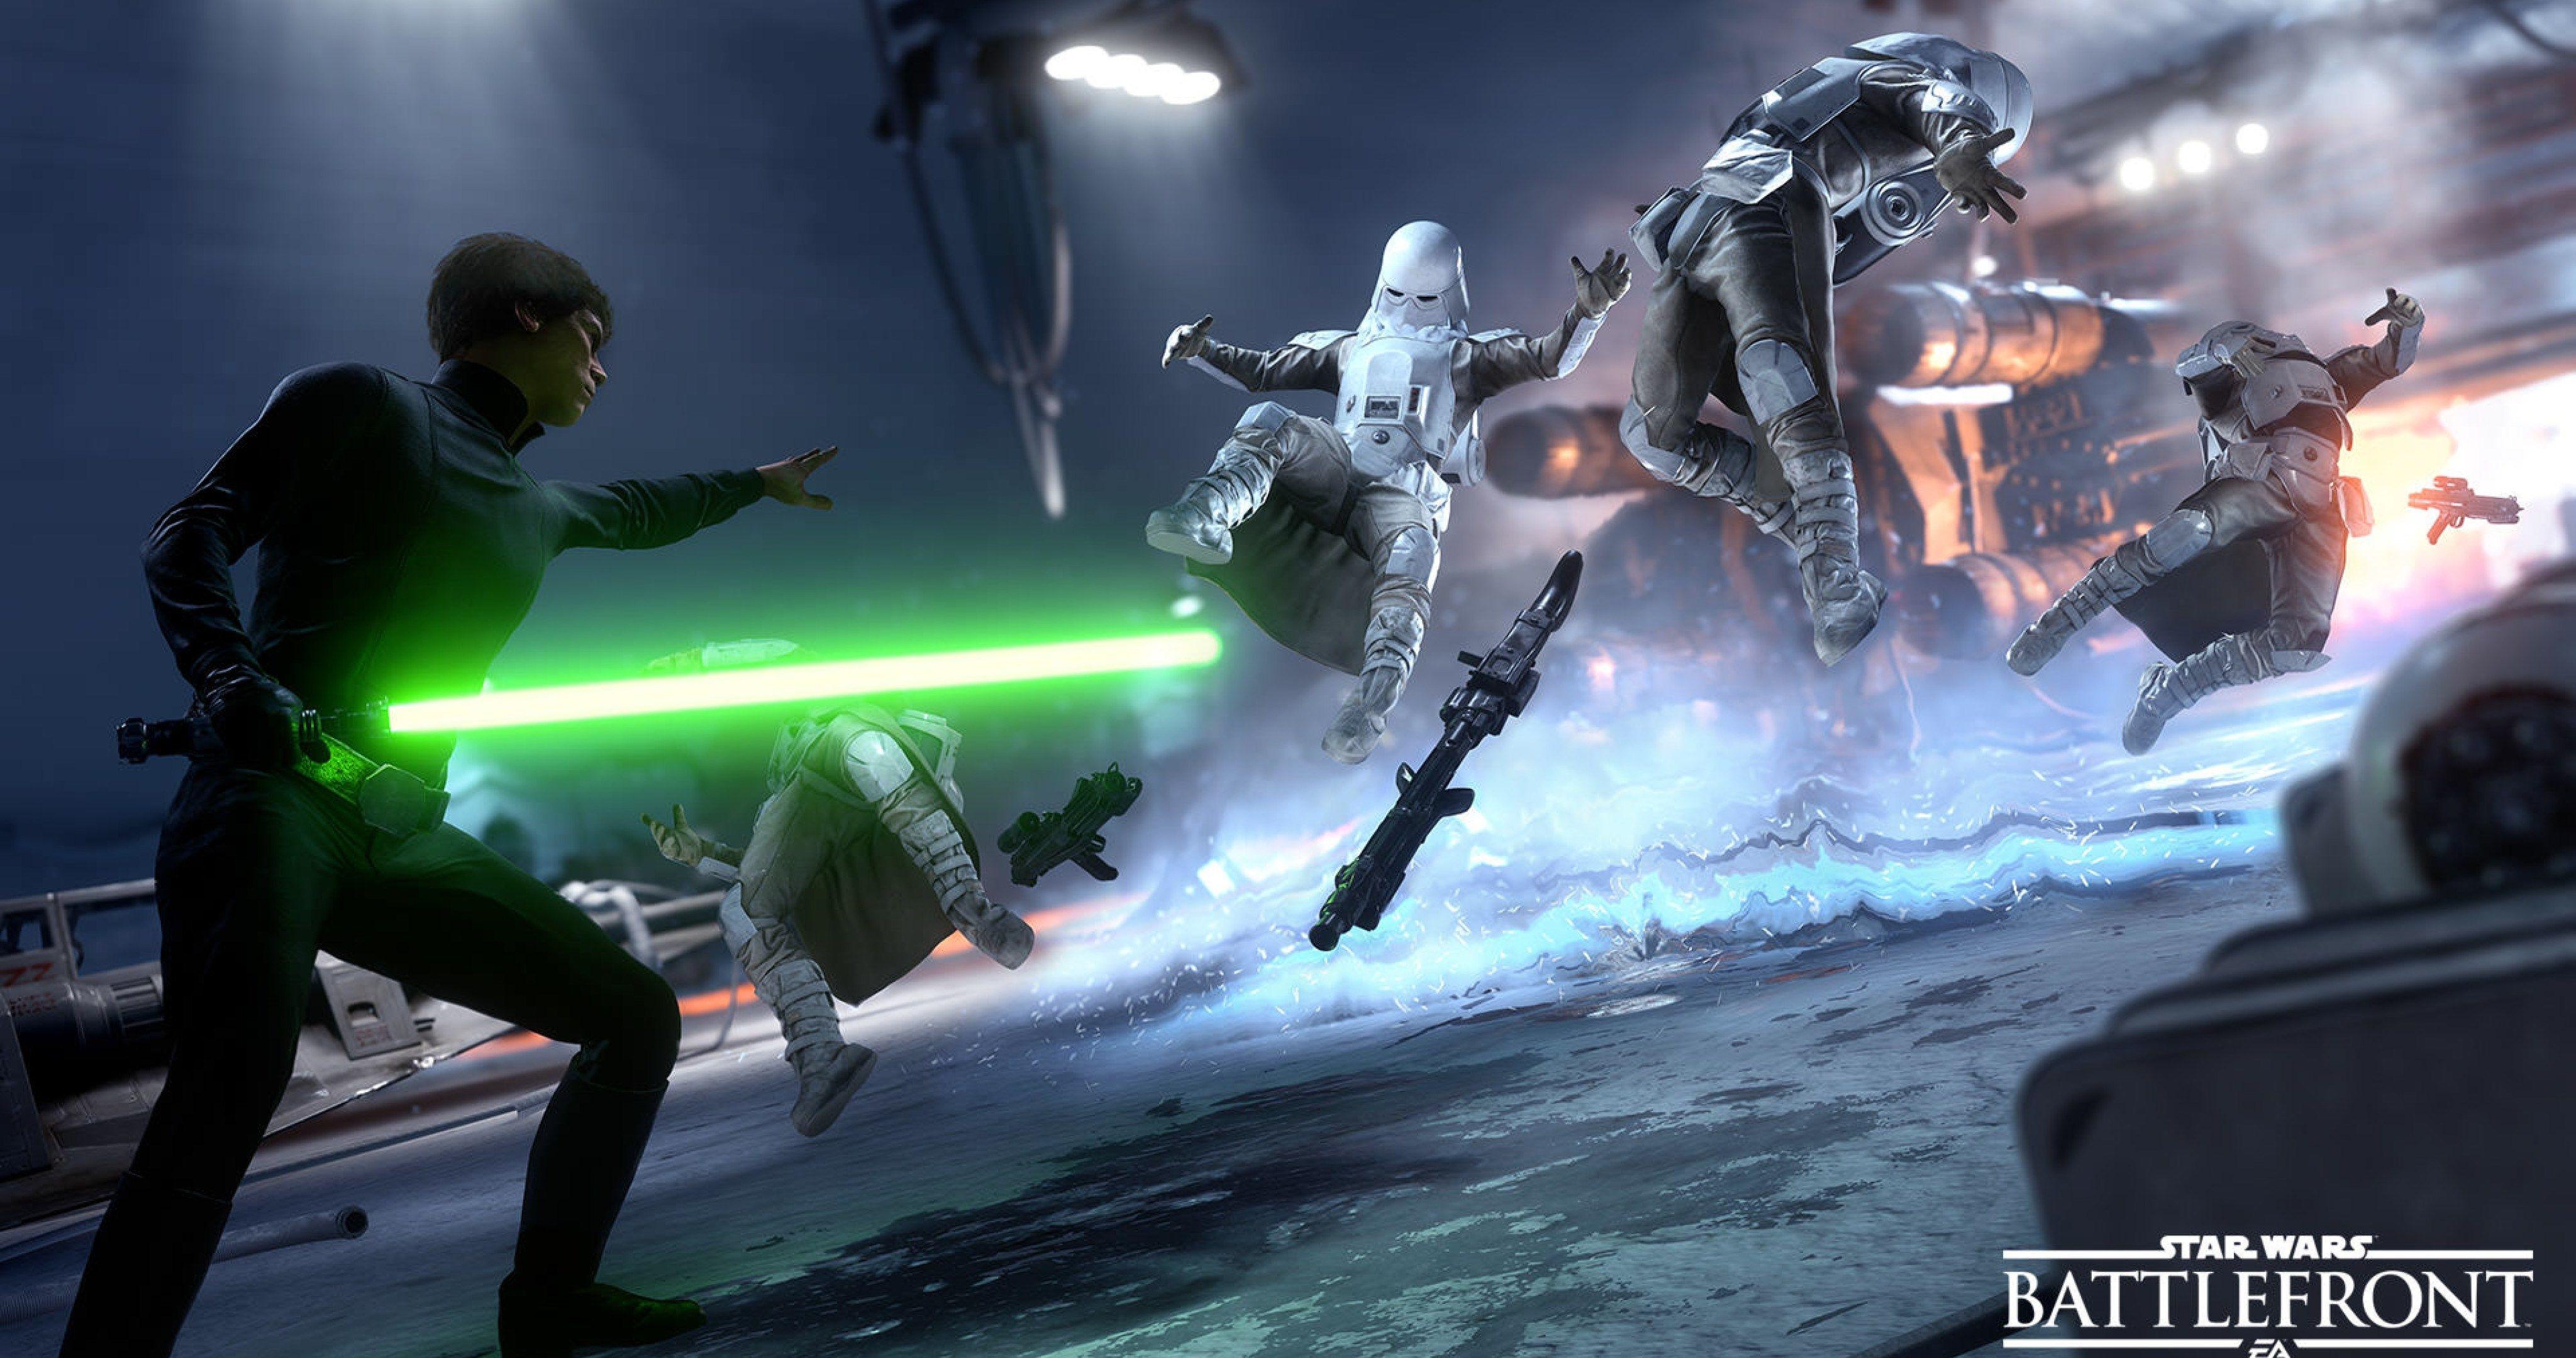 Star Wars Luke Skywalker Force Attack 4k Ultra Hd Wallpaper